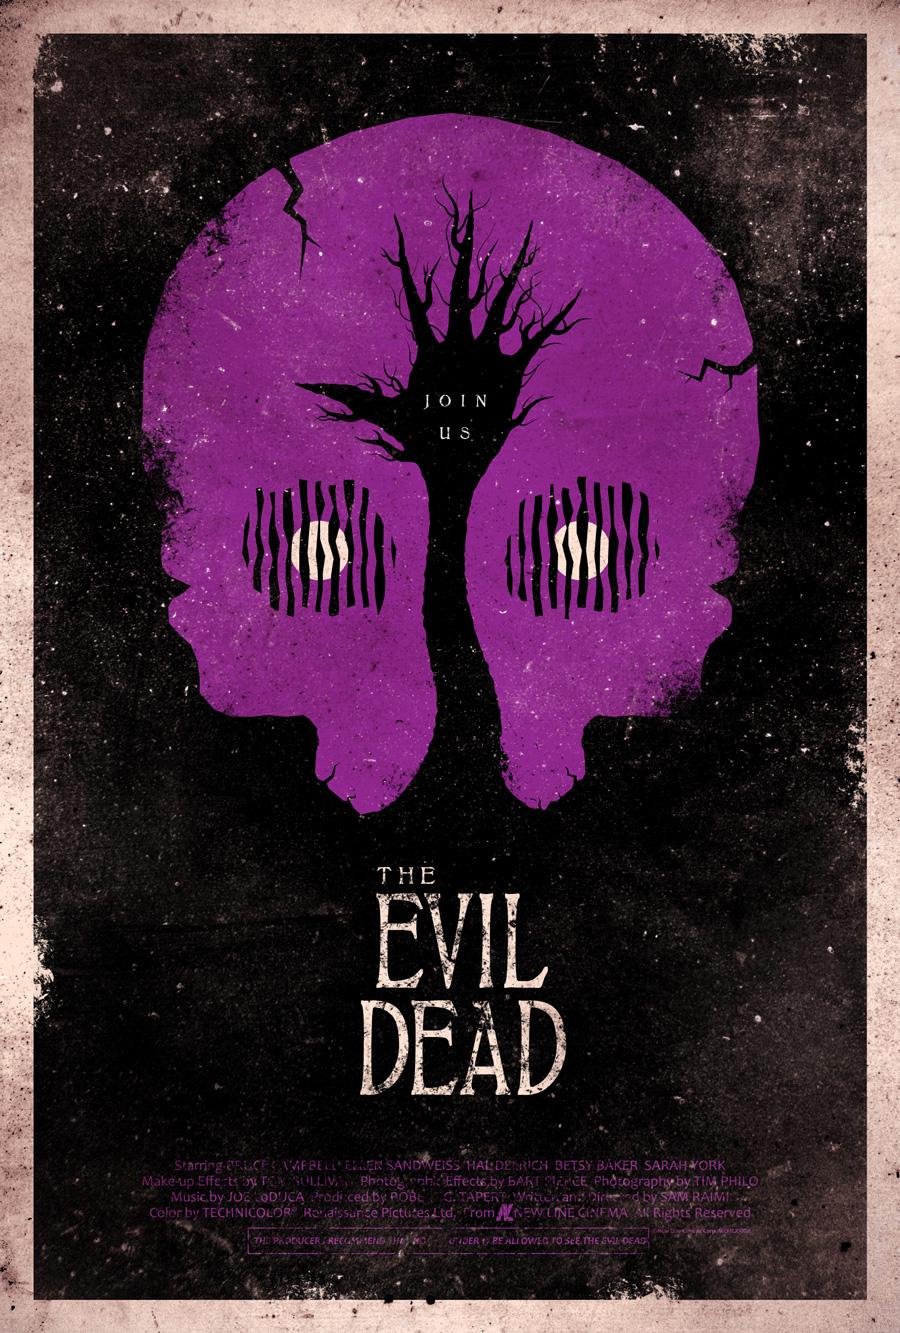 The Evil Dead Poster by adamrabalais